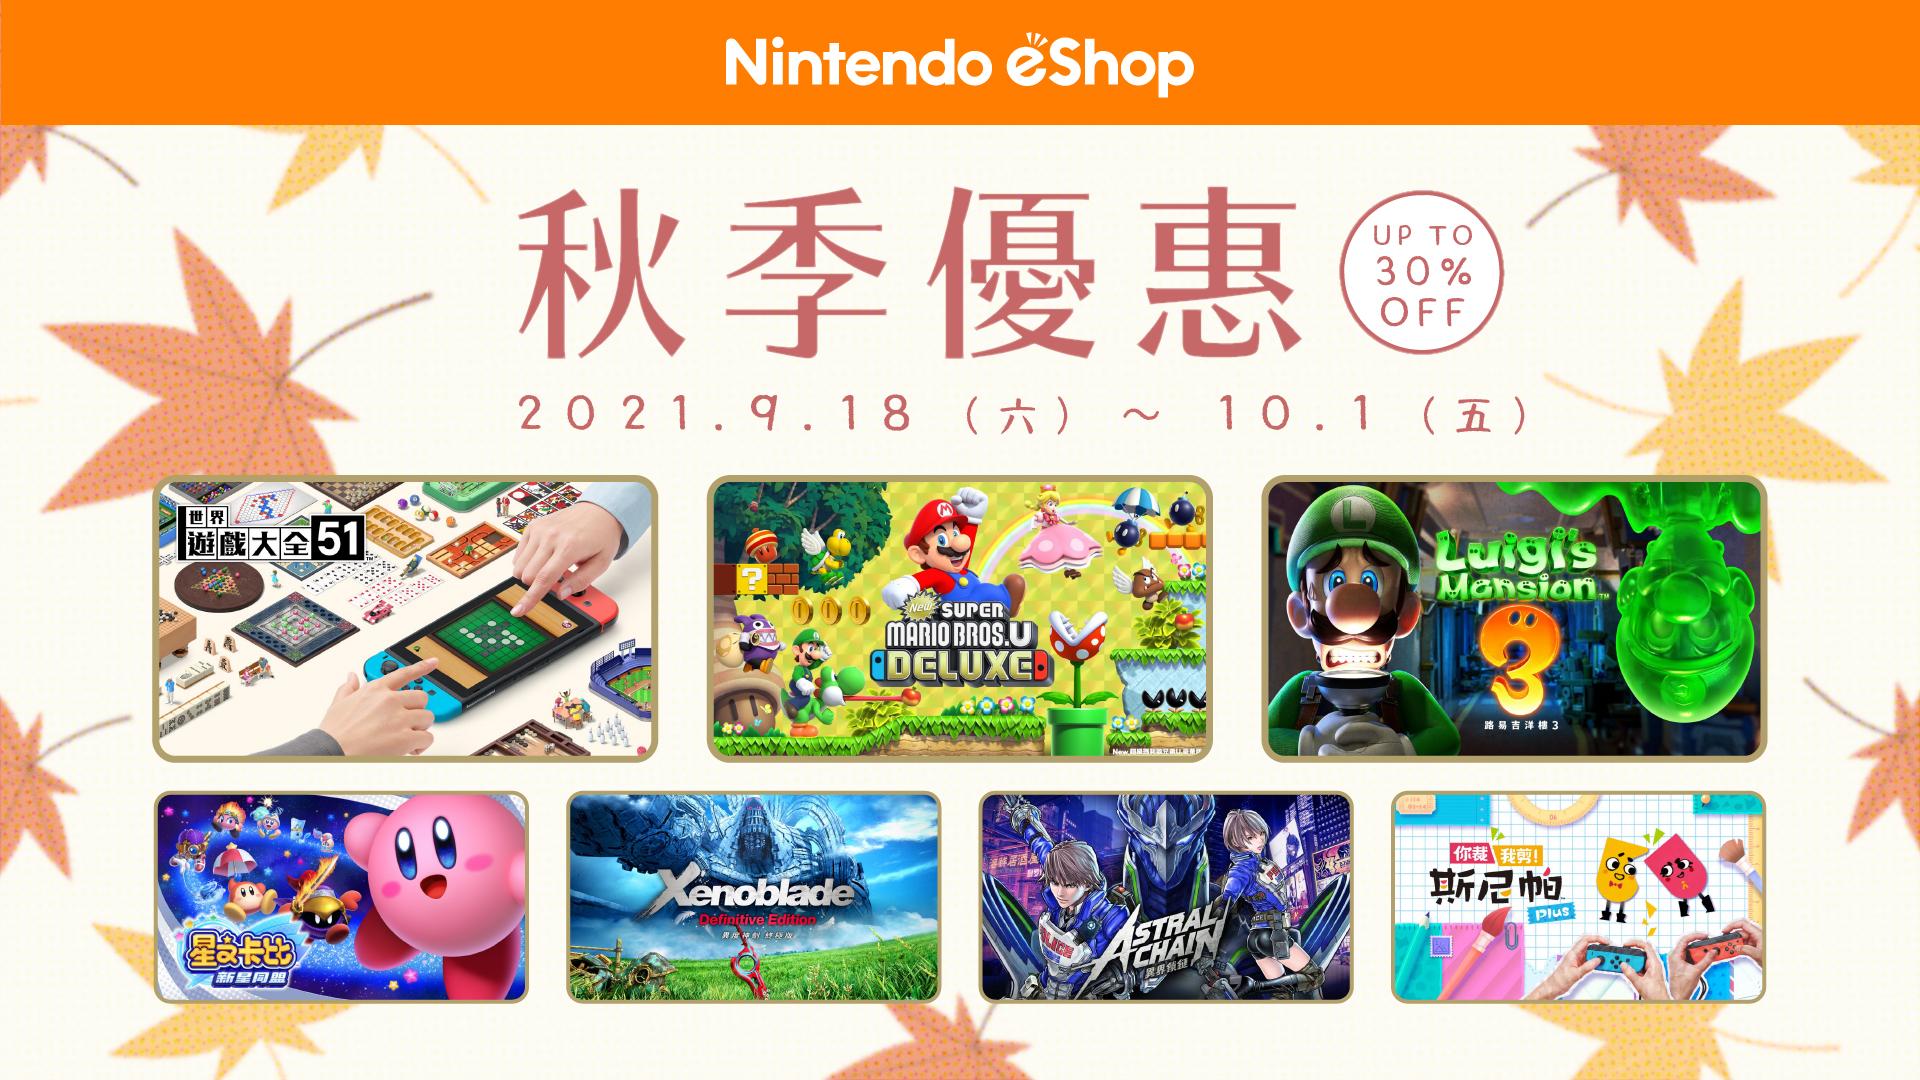 任天堂港服商店即将开启秋季促销 再送免费会员